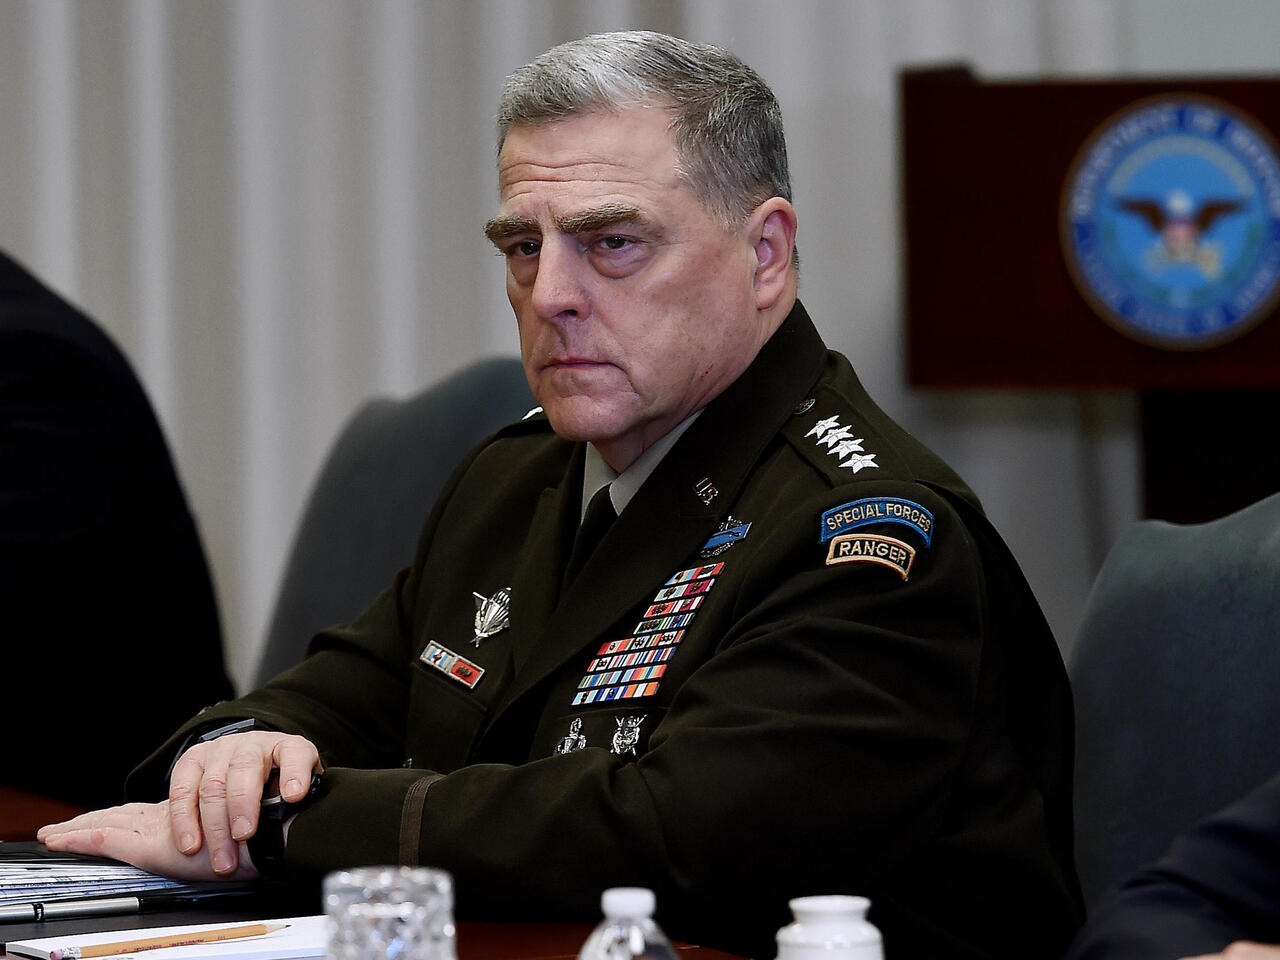 美军参谋长联席会议主席米利将军澄清从来没有怀疑过特朗普心智有问题